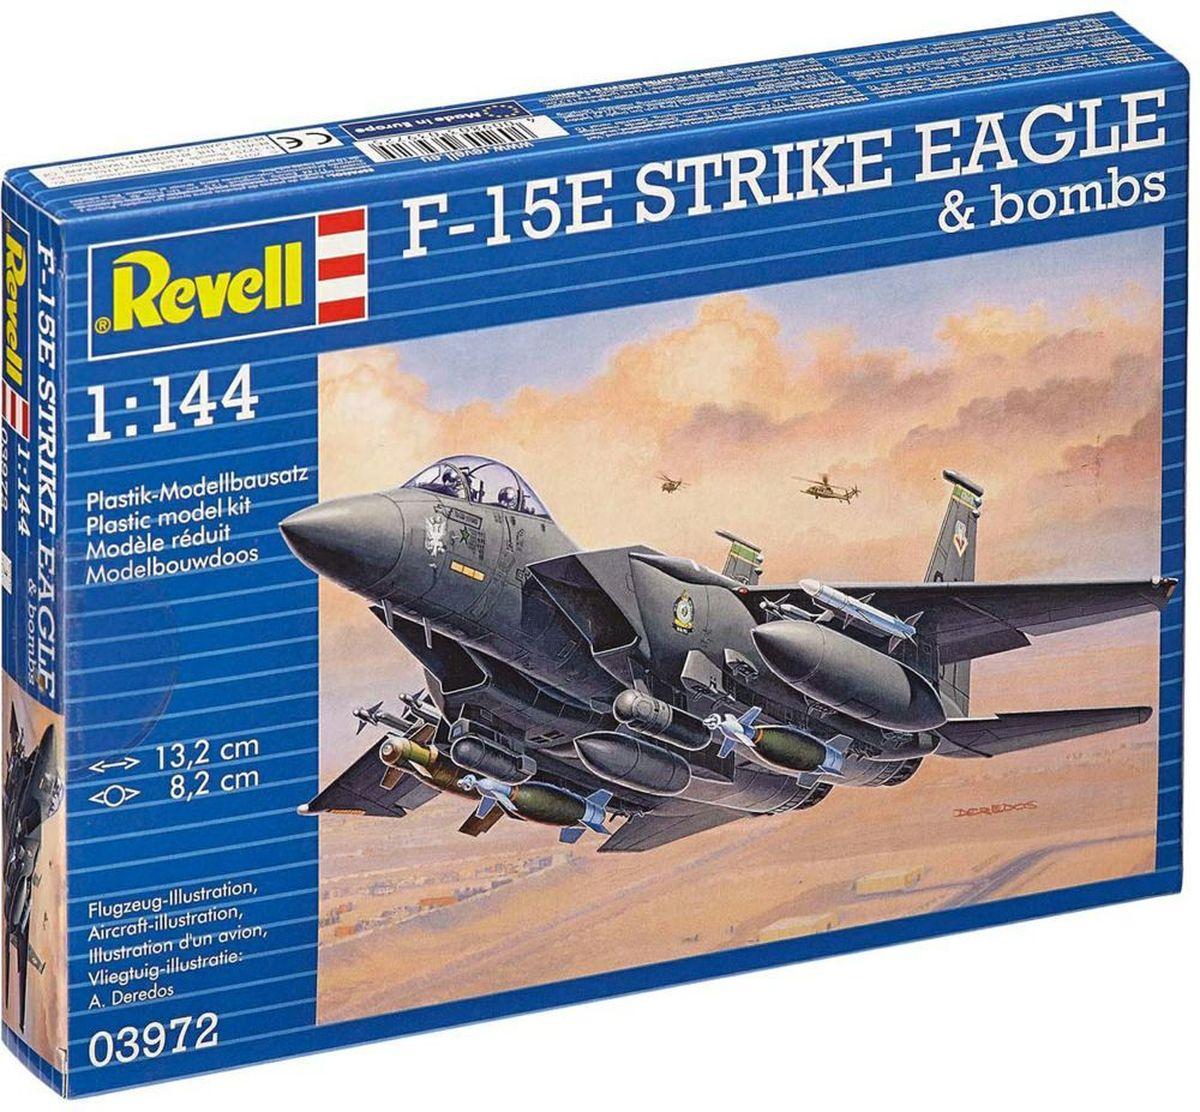 Revell Сборная модель Самолет F-15E Strike Eagle & Bombs03972RС помощью сборной модели Revell Самолет F-15E Strike Eagle & Bombs вы и ваш ребенок сможете собрать уменьшенную копию одноименного самолета. Набор включает в себя 70 пластиковых элементов для сборки, а также схематичную инструкцию. Также в комплект входят бомбы для самолета. F-15E Strike Eagle - американский двухместный истребитель-бомбардировщик, созданный на базе учебно-боевого истребителя F-15D. Может использоваться для патрулирования воздушного пространства и обеспечения прикрытия сухопутных войск. Совершил первый полёт 11 декабря 1986 года. По состоянию на 2012 год построено более 470 самолётов. Поставлялся на экспорт в Израиль, Саудовскую Аравию, Южную Корею, заказан Сингапуром. Впервые применён в 1991 году (Война в Персидском заливе). Процесс сборки развивает интеллектуальные и инструментальные способности, воображение и конструктивное мышление, а также прививает практические навыки работы со схемами и чертежами. Уровень сложности: 3. УВАЖАЕМЫЕ...